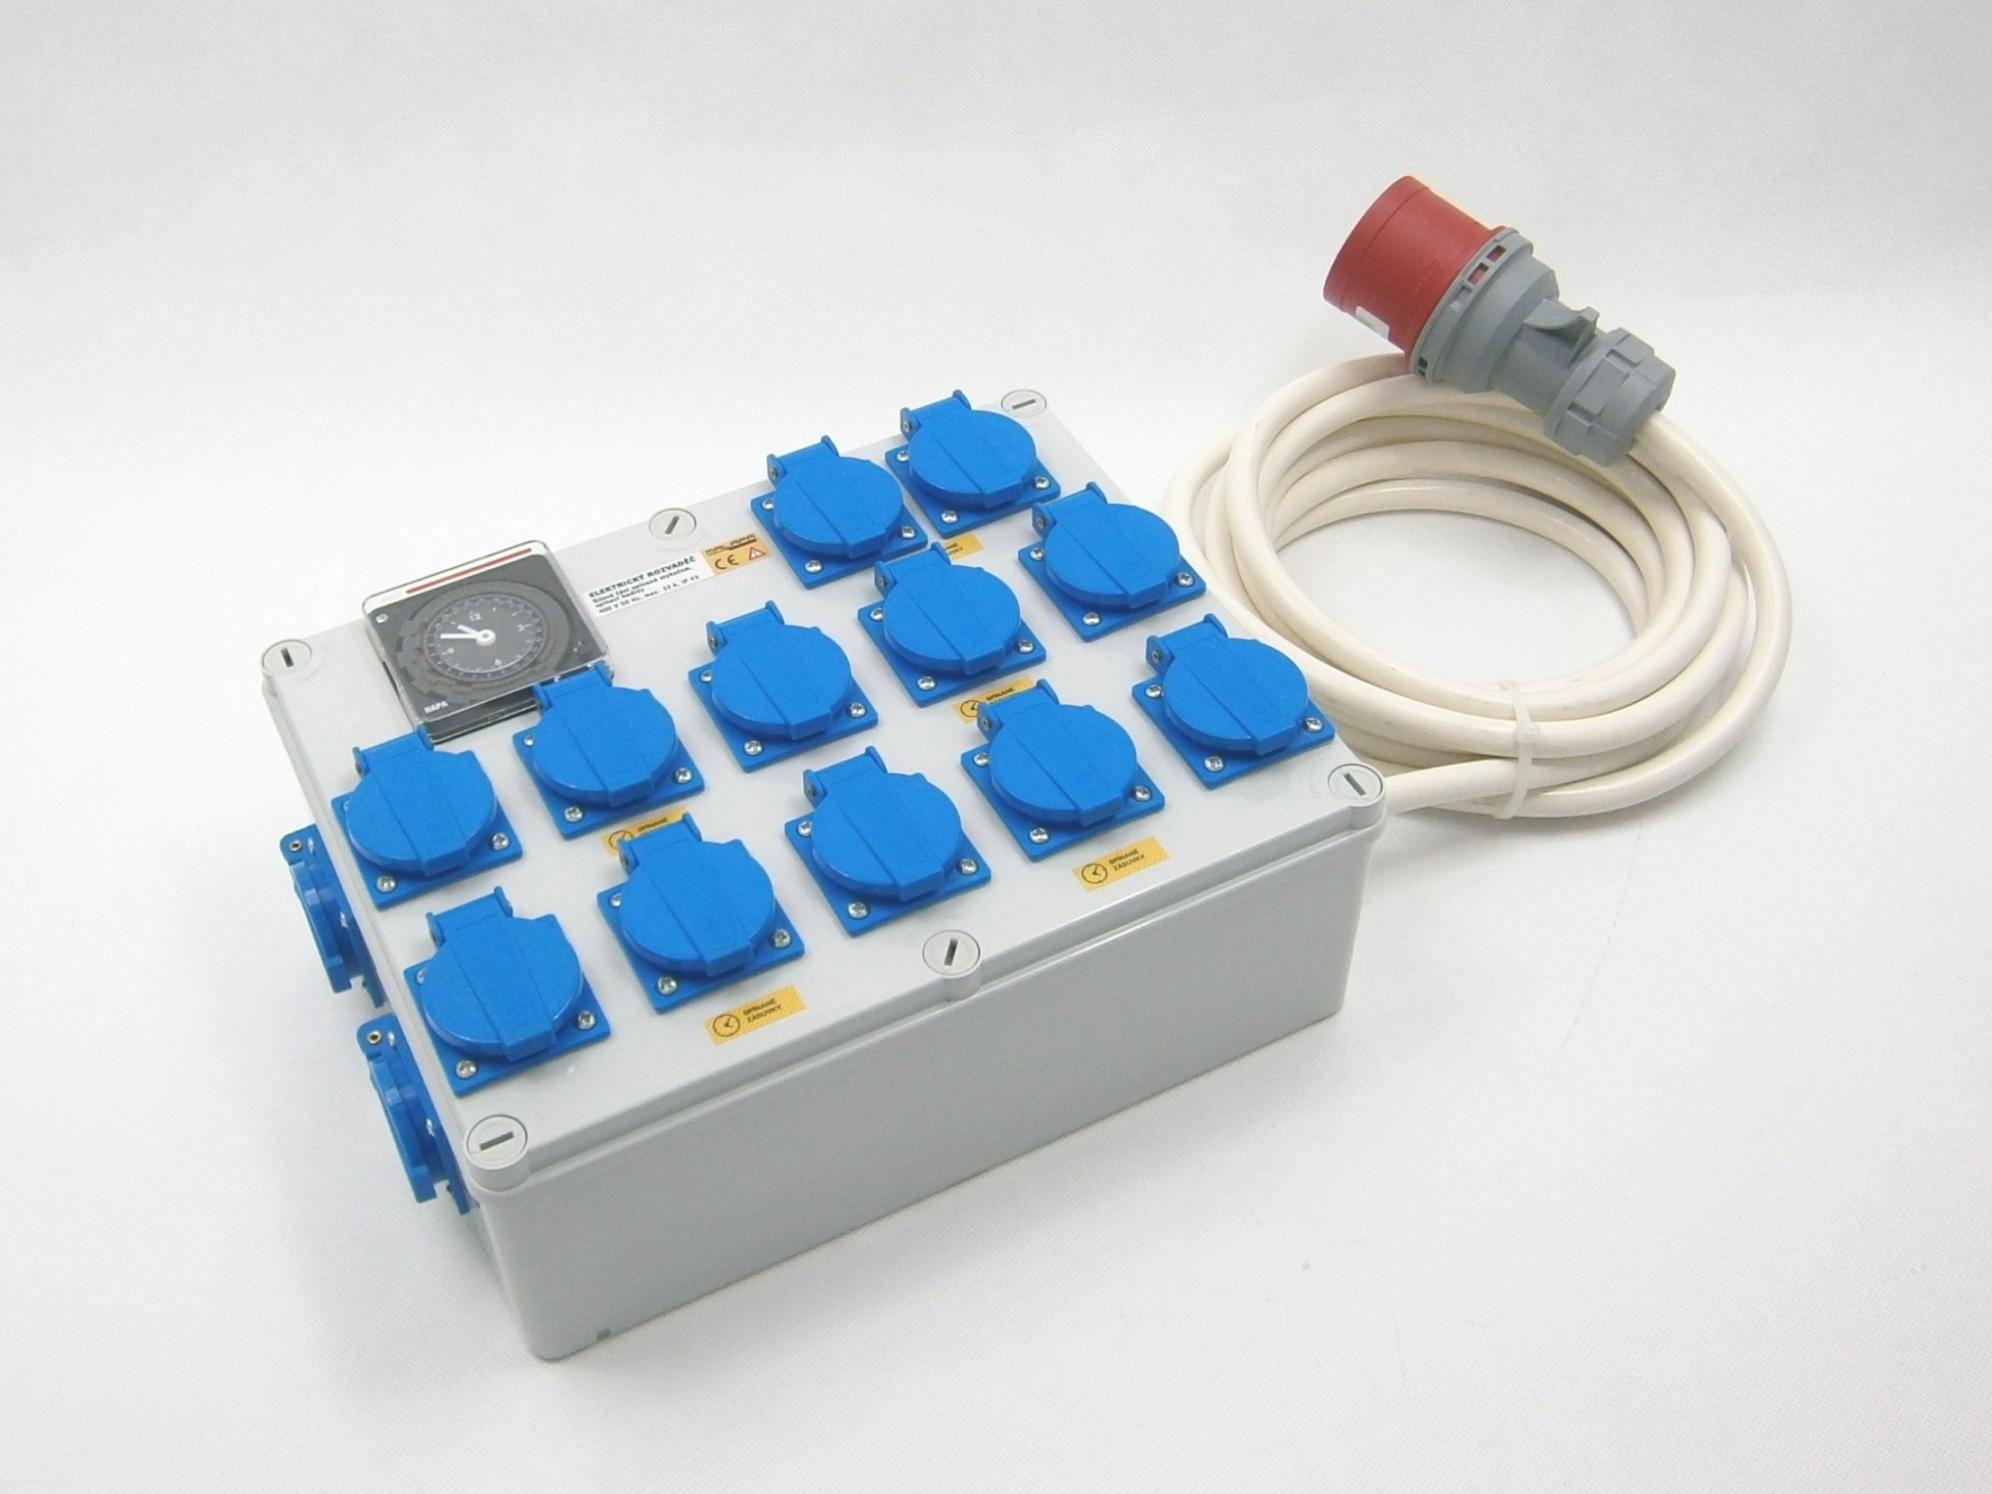 Malapa 400V rozvaděč 12+2 KL05 (elektronický rozvaděč)